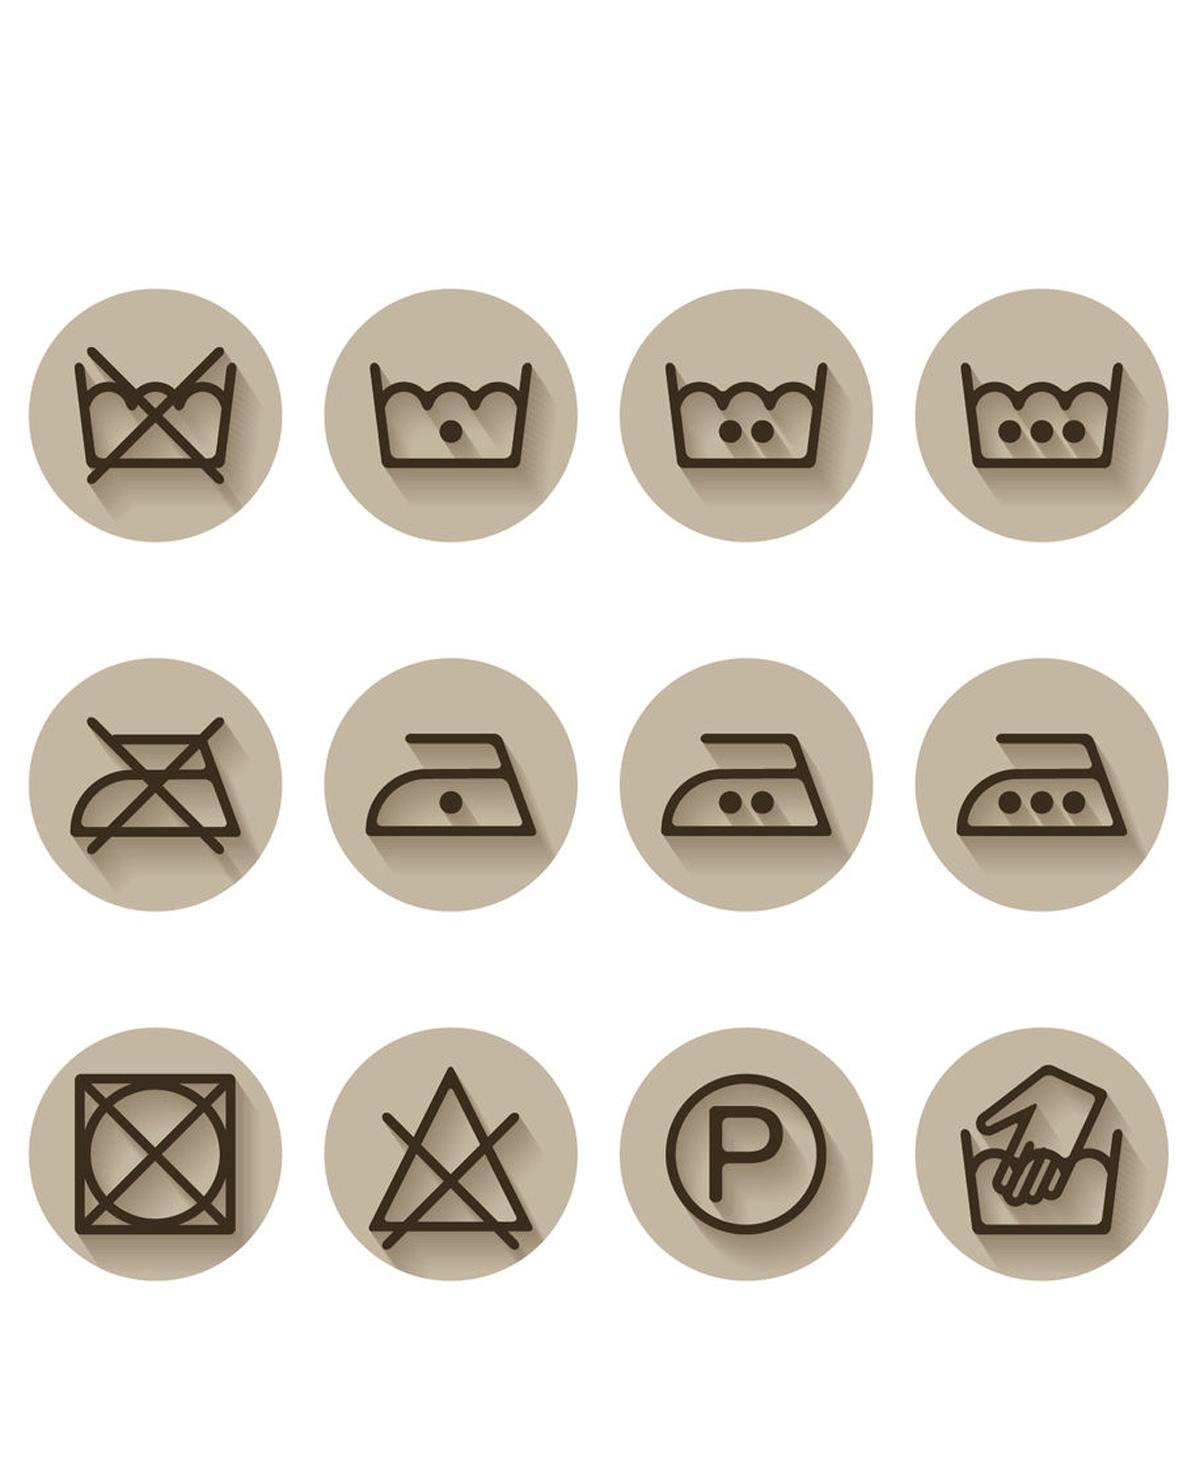 Wassymbolen, wat betekenen ze?